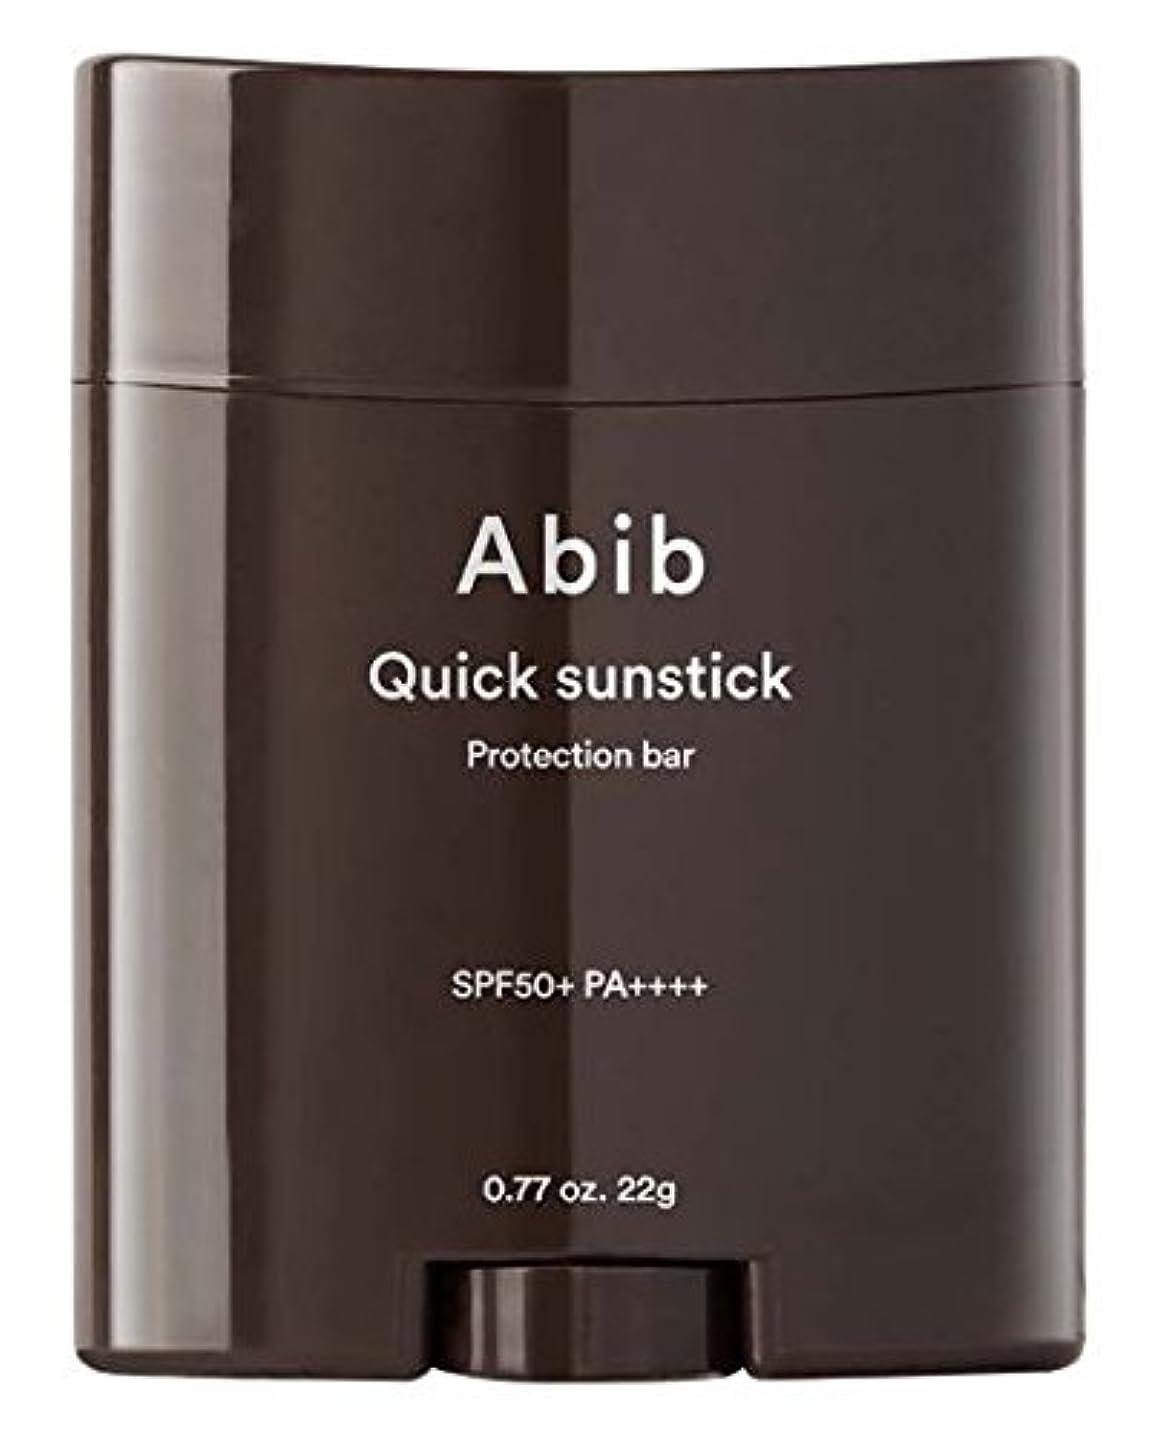 質量アンプ代表[Abib] QUICK SUNSTICK PROTECTION BAR 22g SPF50+PA++++/[アビブ]クイックサンスティックプロテクションバー 22g SPF50+PA++++ [並行輸入品]